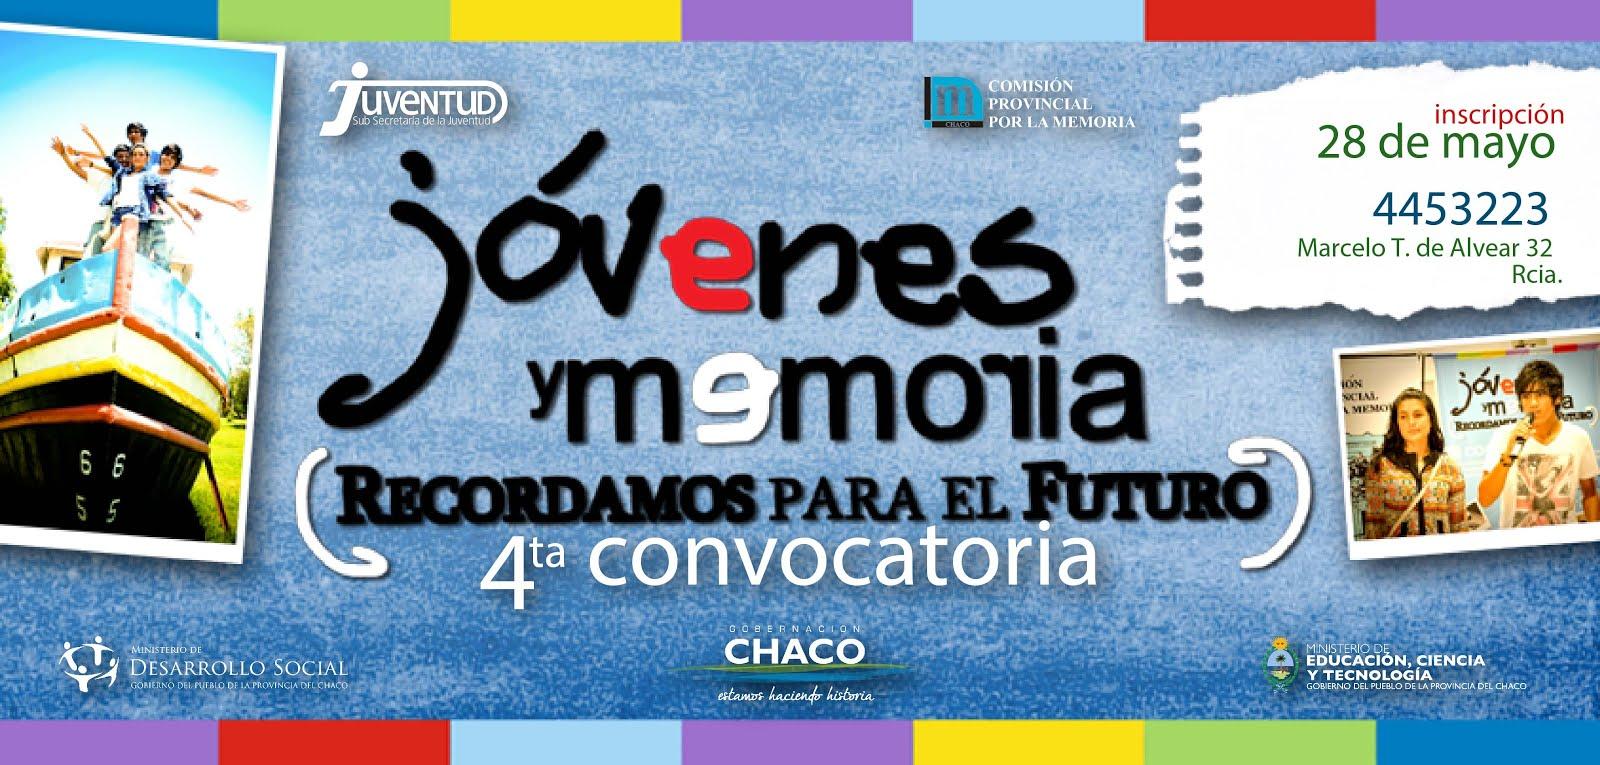 Jóvenes y Memoria 2013